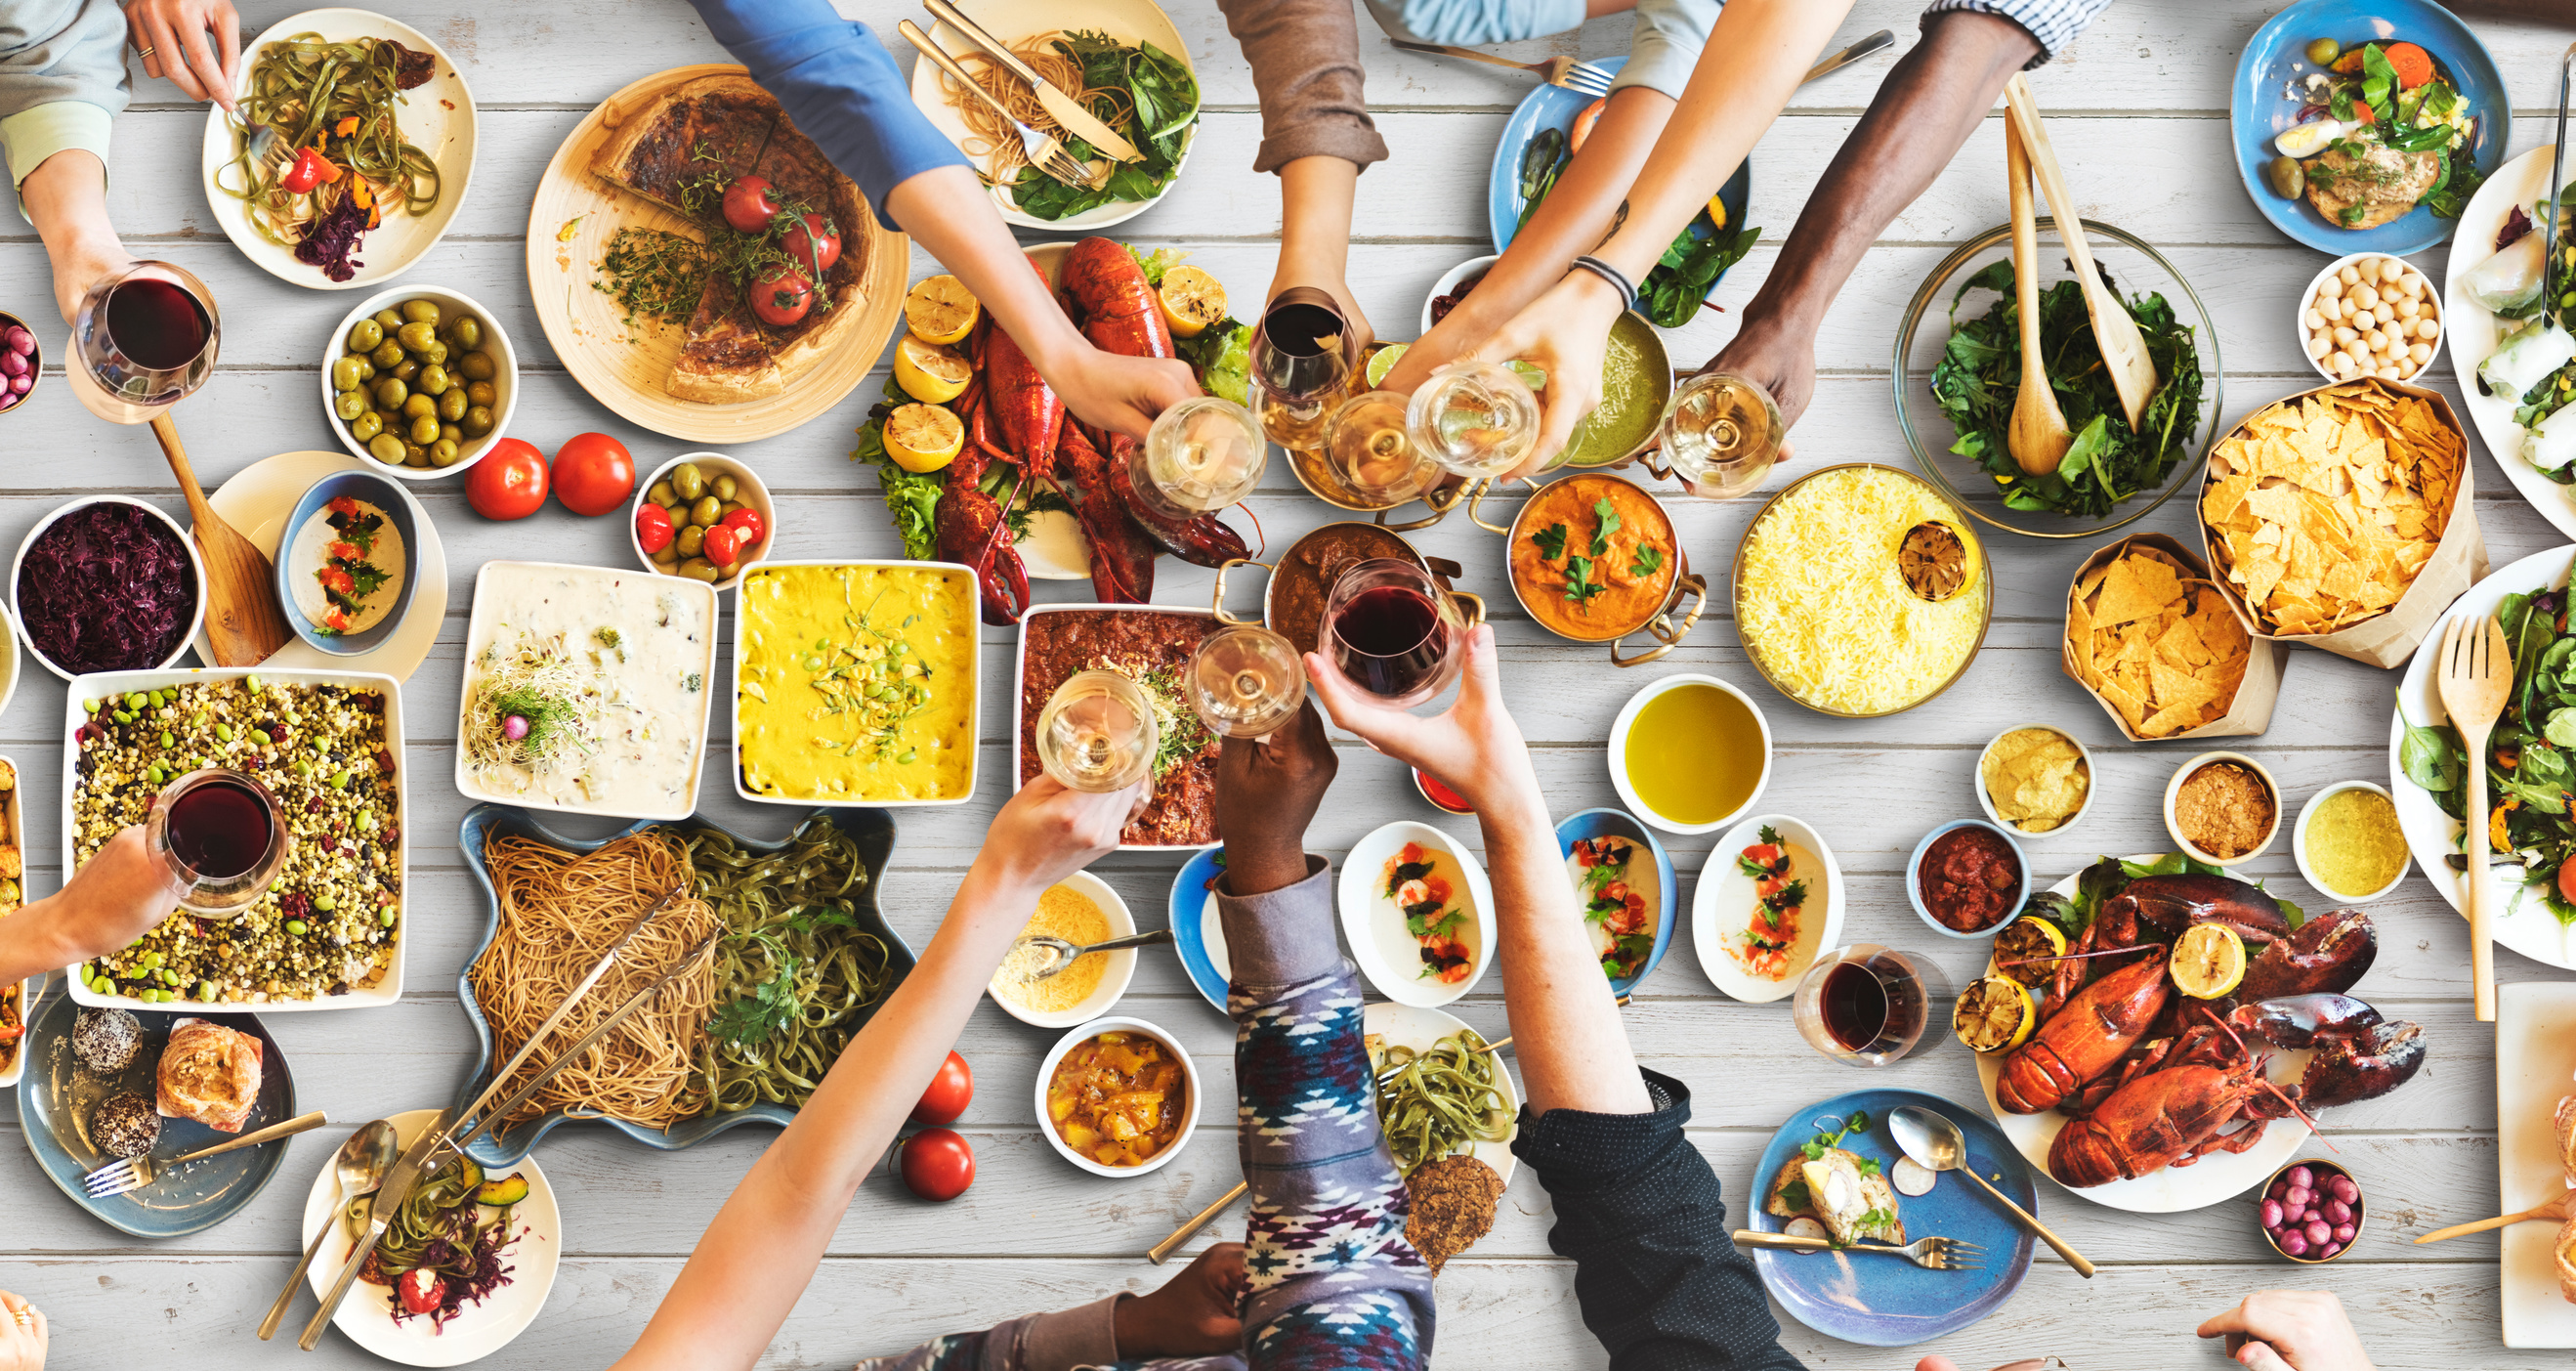 Gesundes Dinner mit Freunden